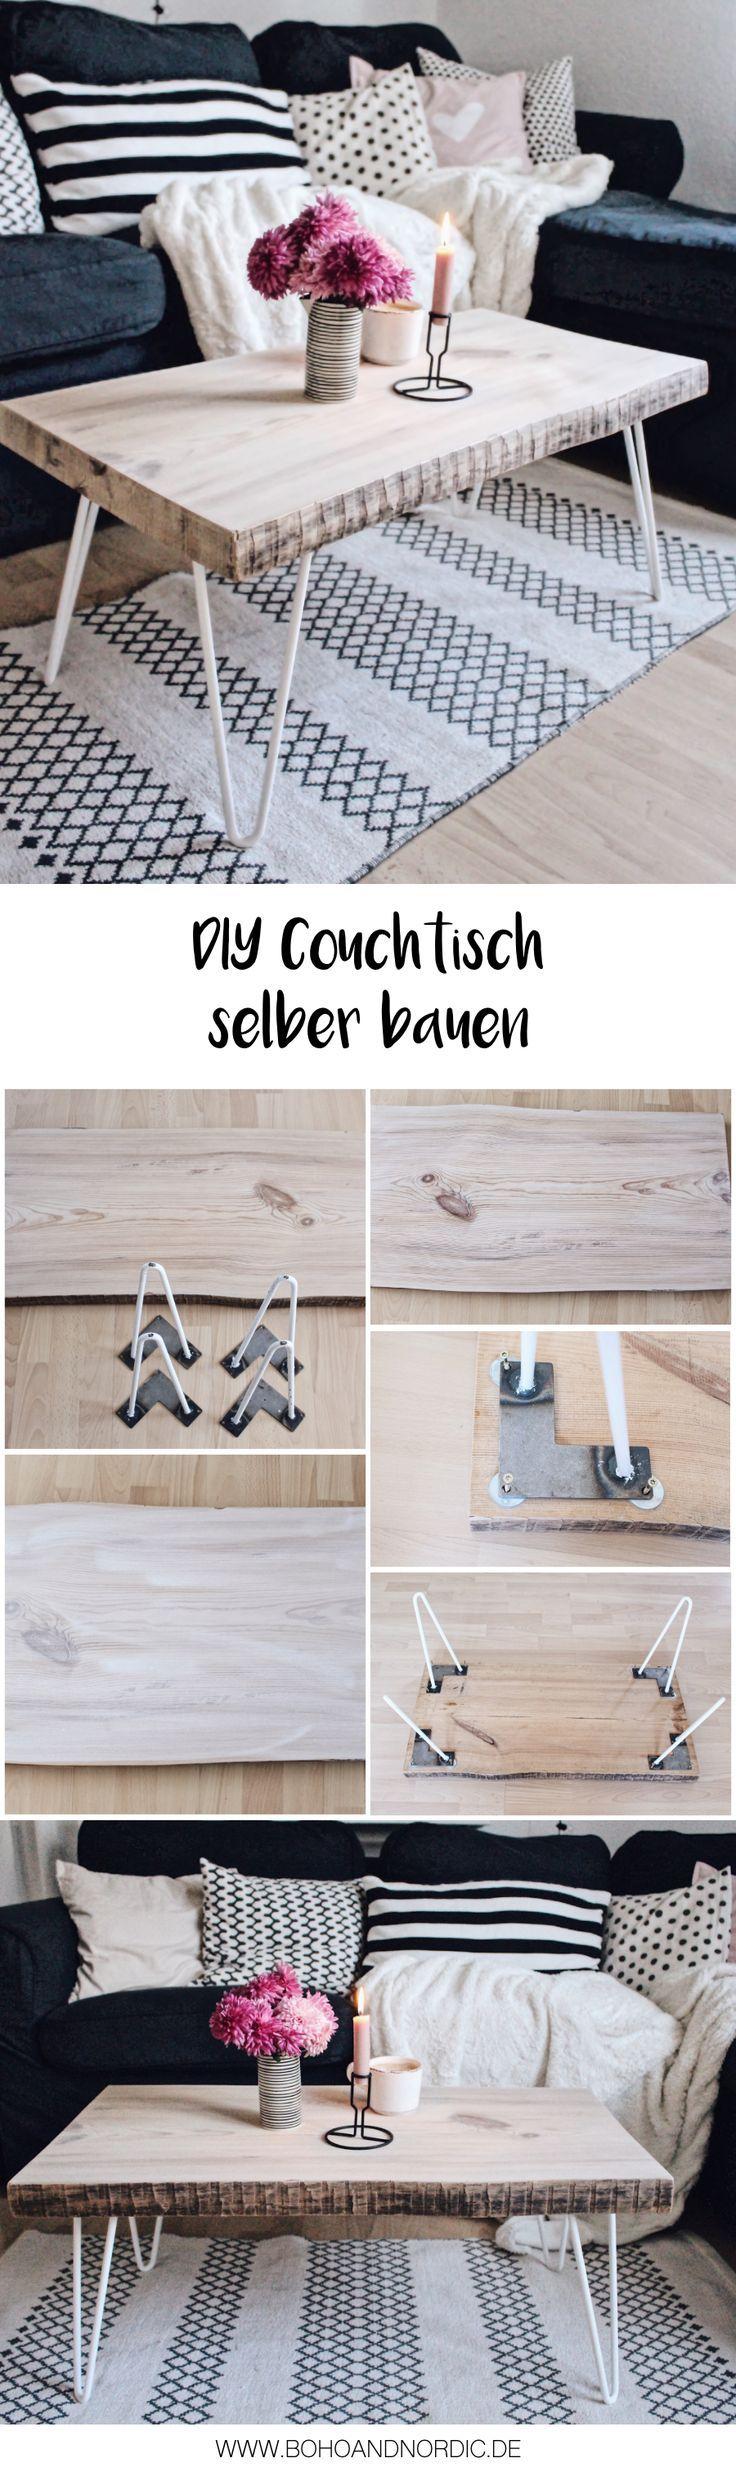 Diy Couchtisch Selber Bauen Bauanleitung Fur Holztisch Mit Hairpin